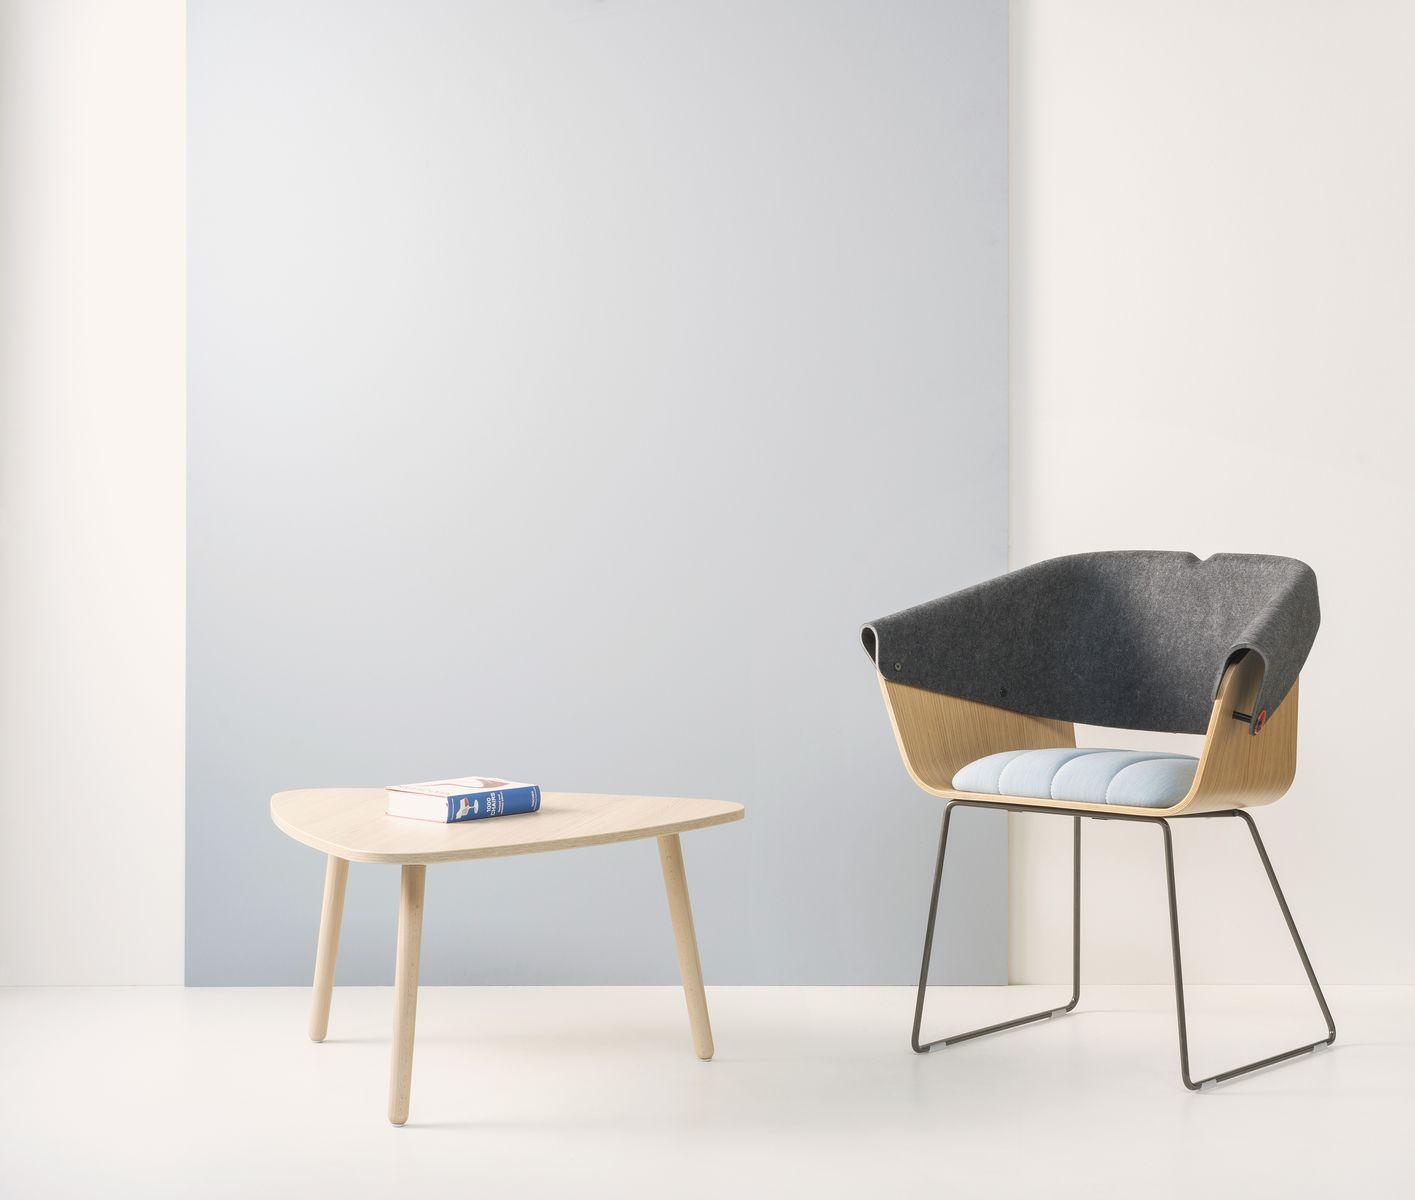 https://vepa.nl/wp-content/uploads/2020/04/Skeef-hout-laag-driehoek-met-Whale-Tail-Chair-sfeer.jpg